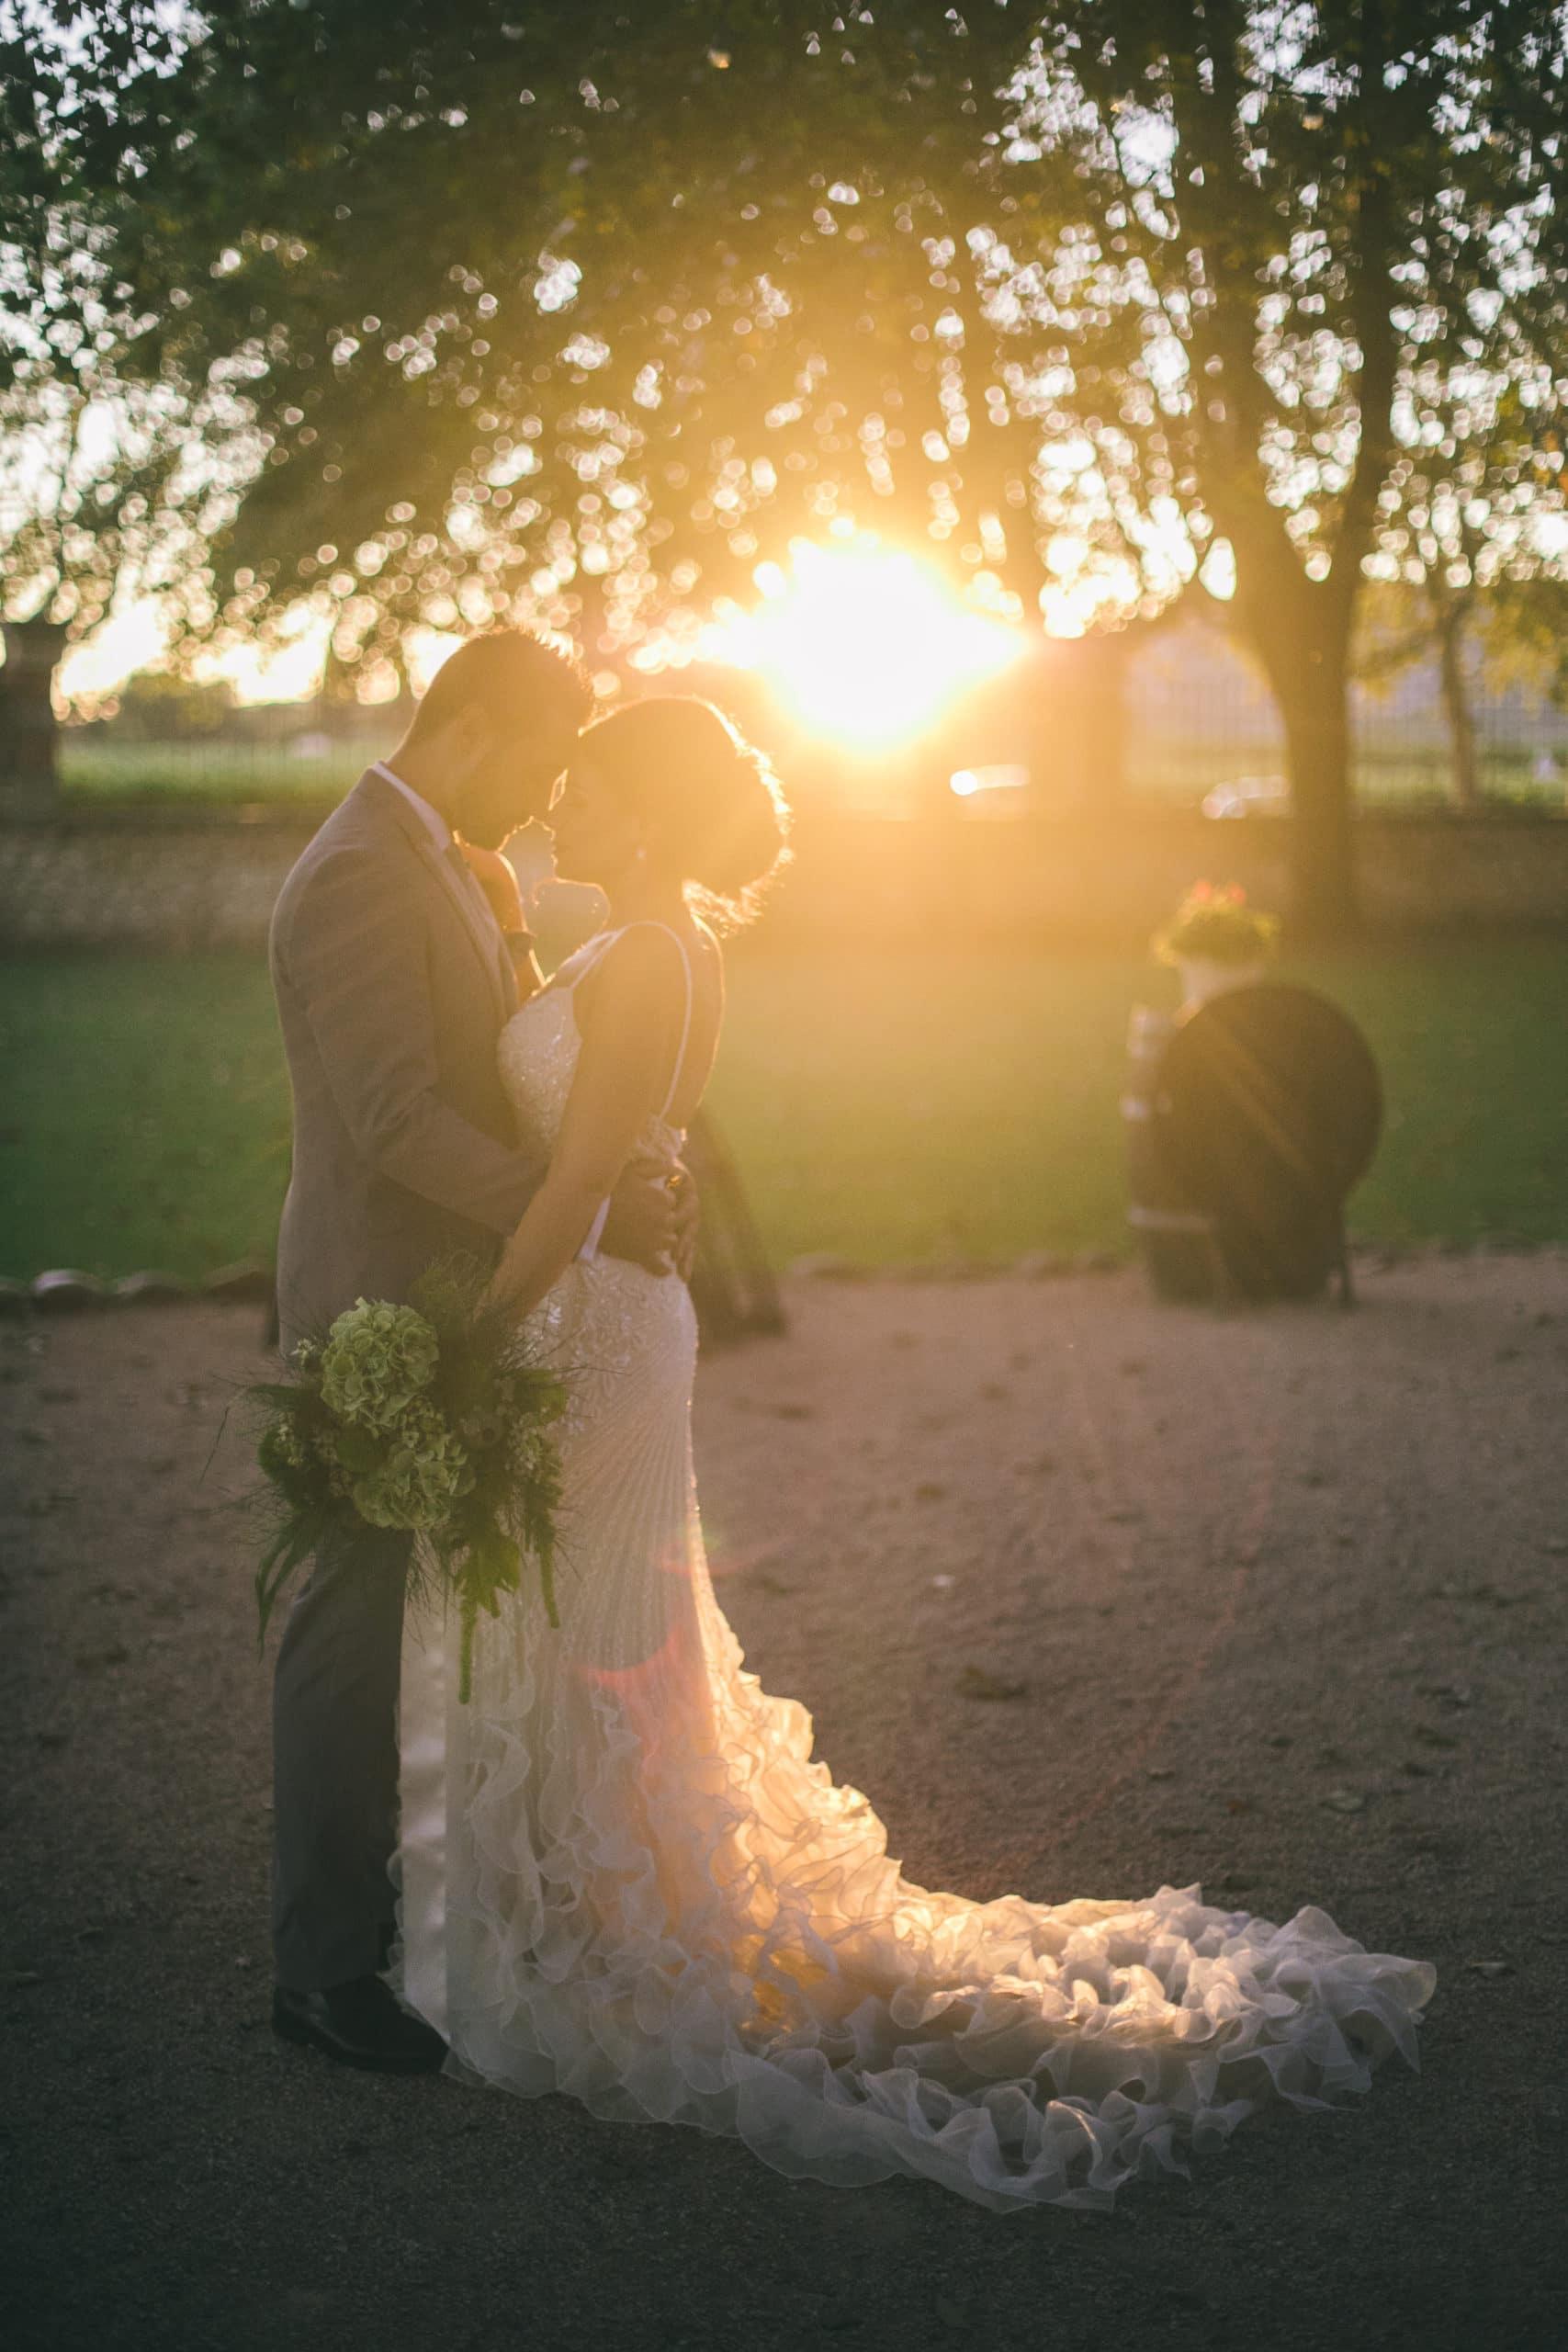 mariage-provence-chateau-aix-marseille-lieu-reception-salle-maries-parc-champetre